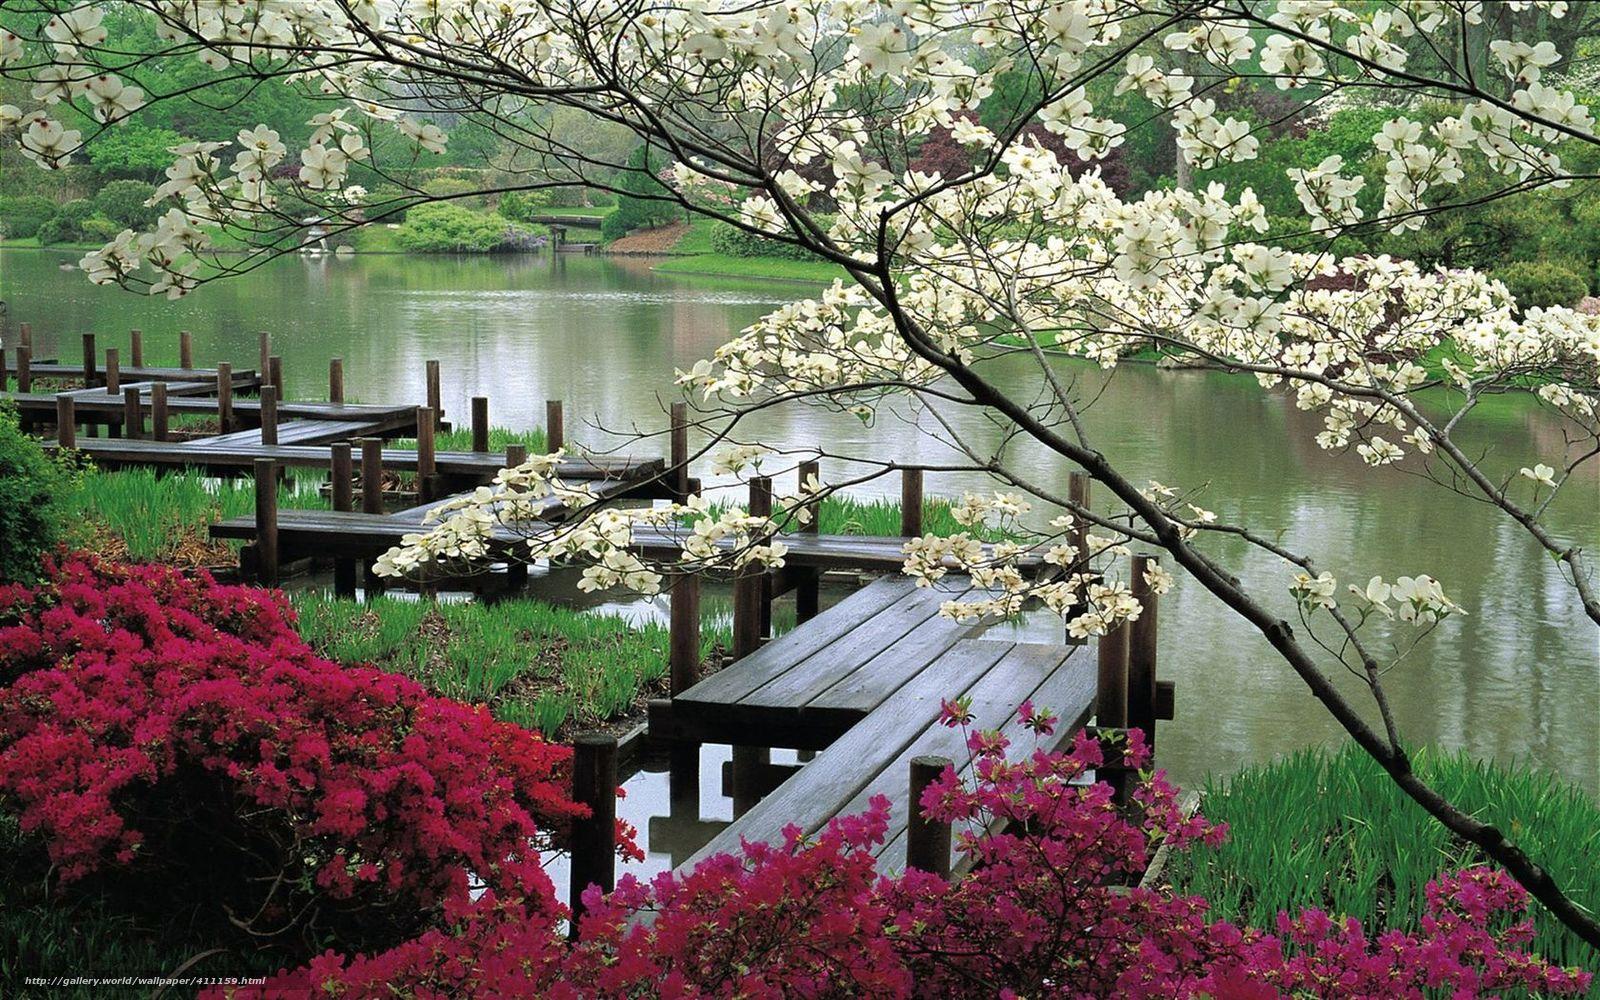 tlcharger fond d 39 ecran jardin japon printemps fleurir fonds d 39 ecran gratuits pour votre. Black Bedroom Furniture Sets. Home Design Ideas